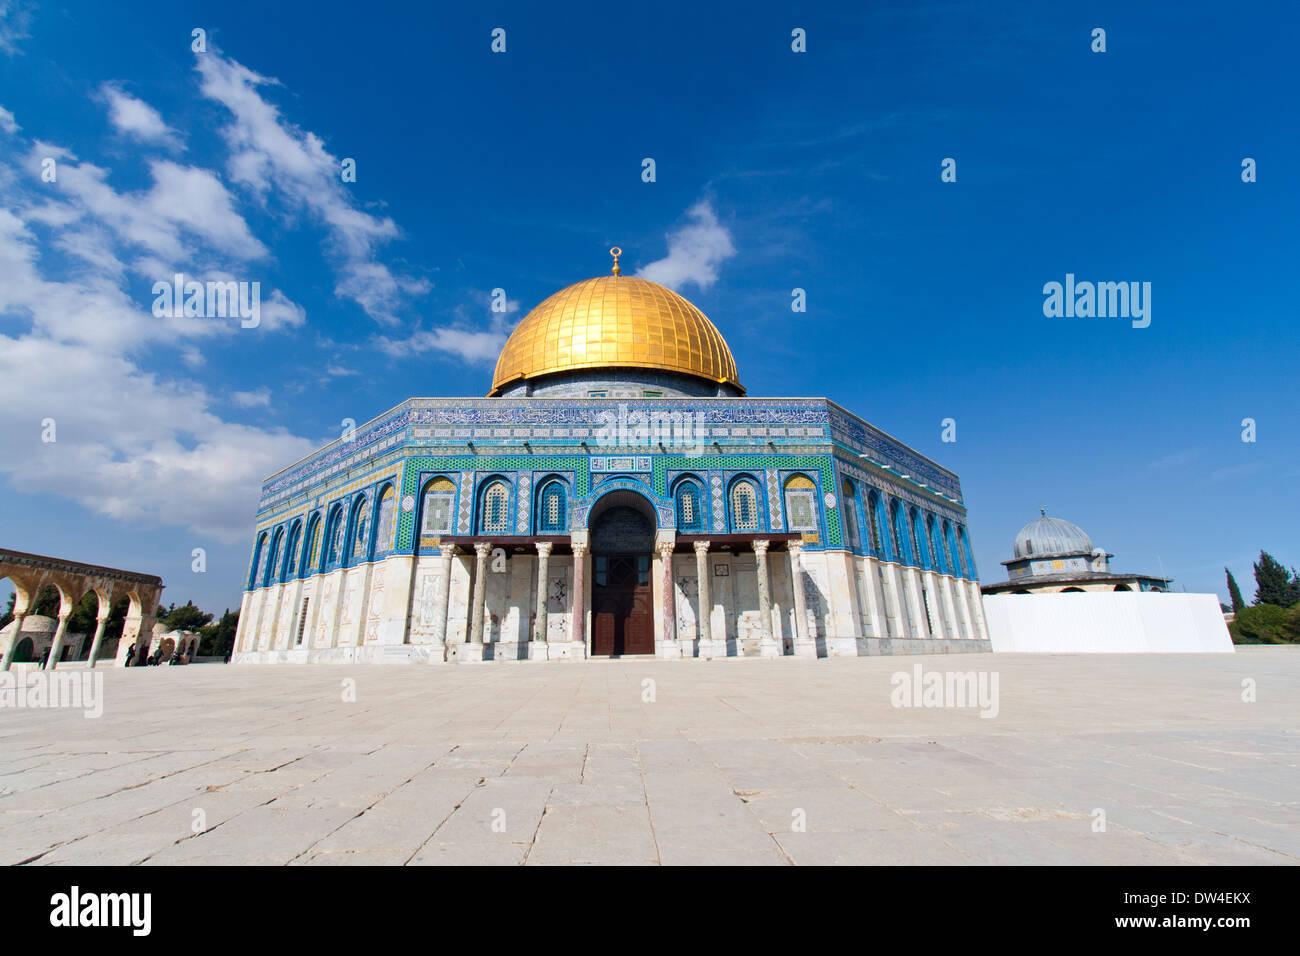 Der Felsendom auf dem Tempelberg, Jerusalem, Israel Stockbild